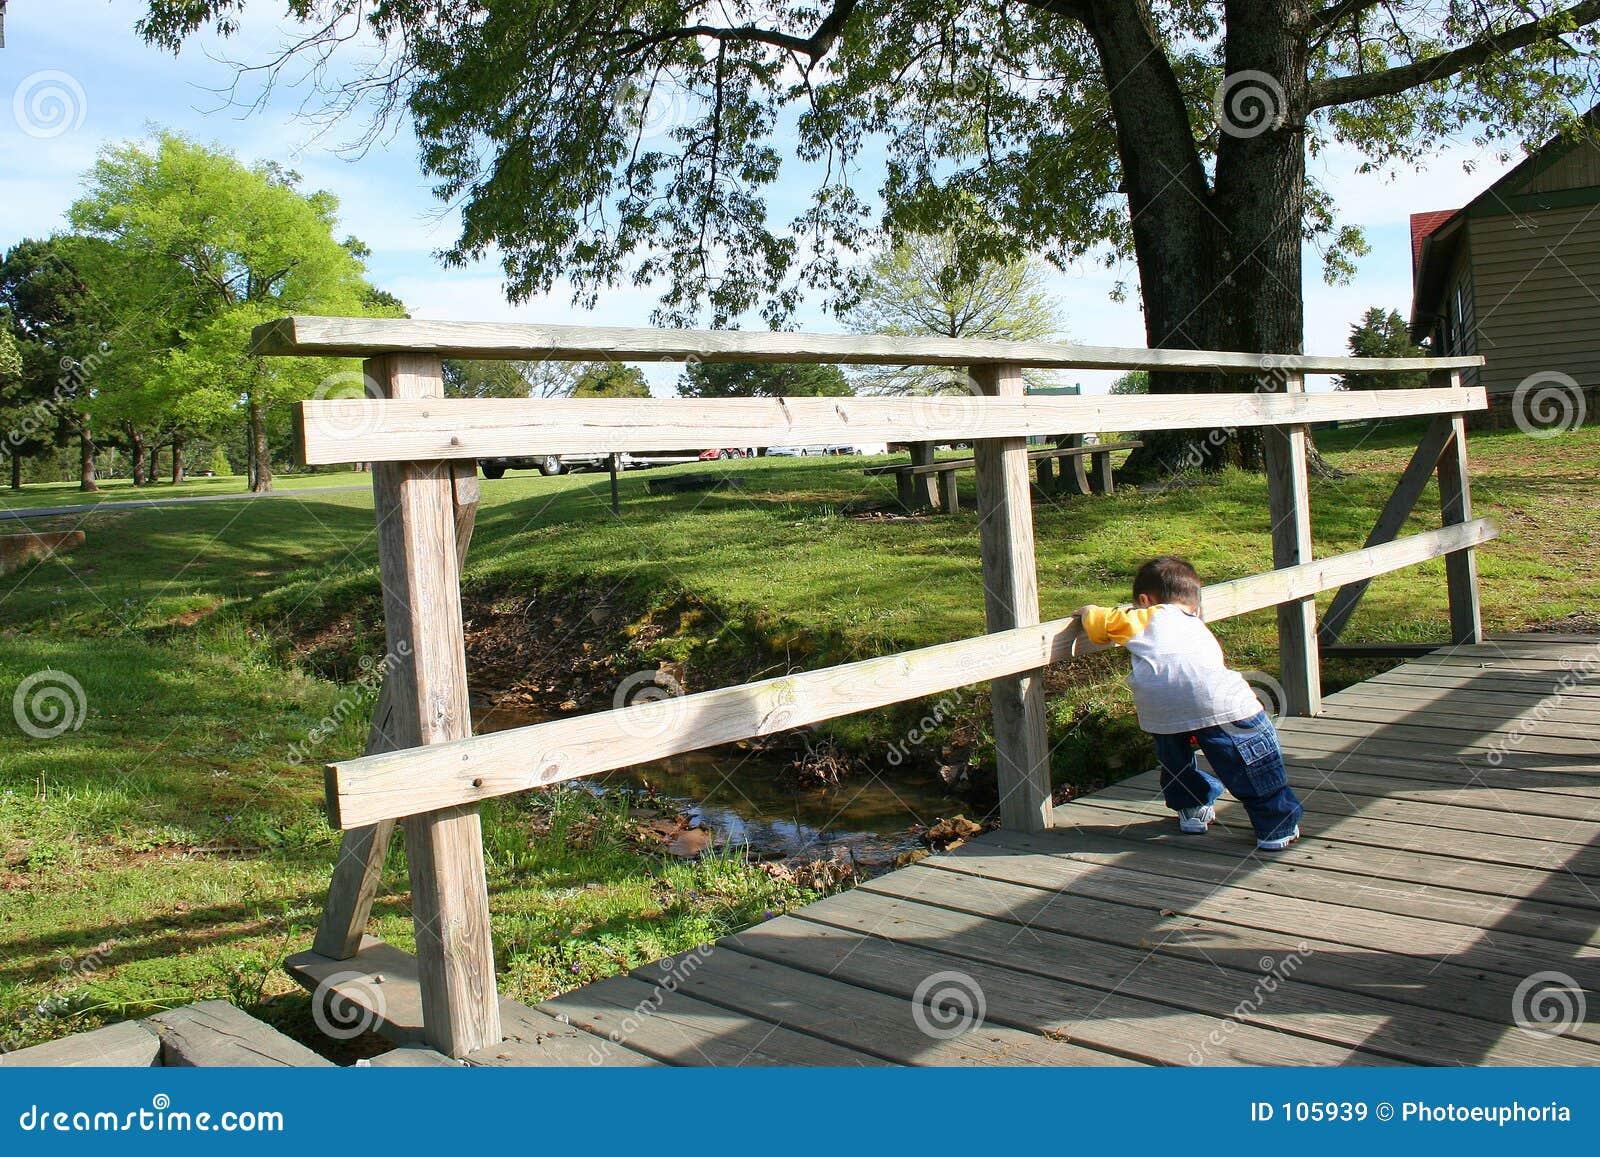 Boy On A Small Wooden Bridge